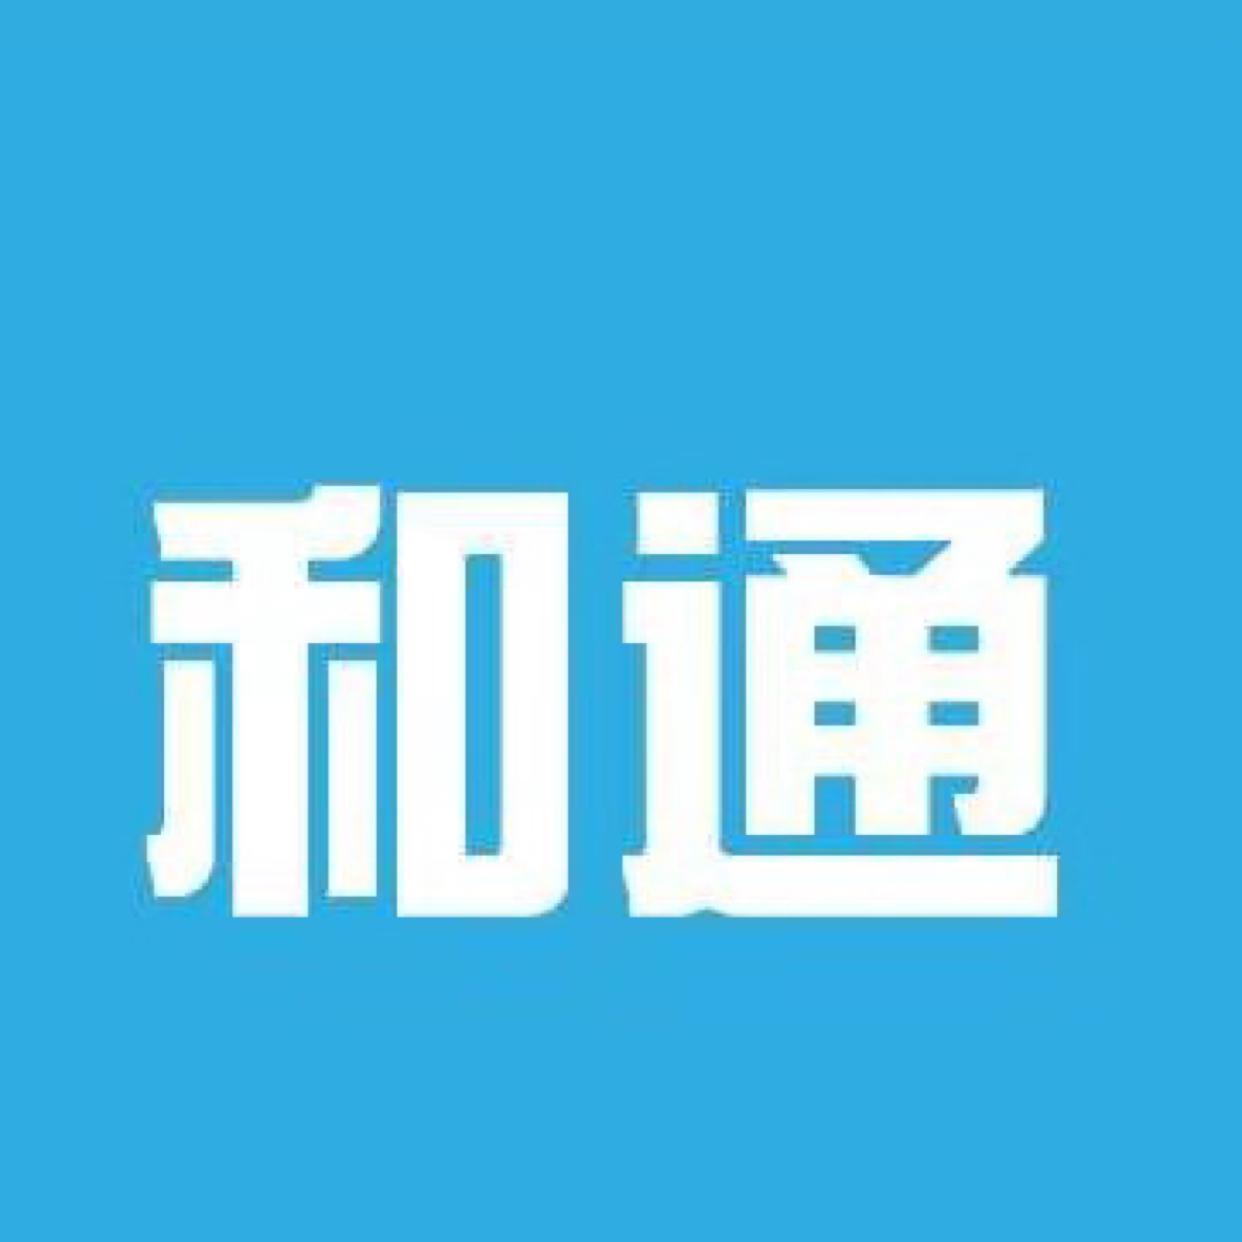 揭阳市和通代驾服务有限公司